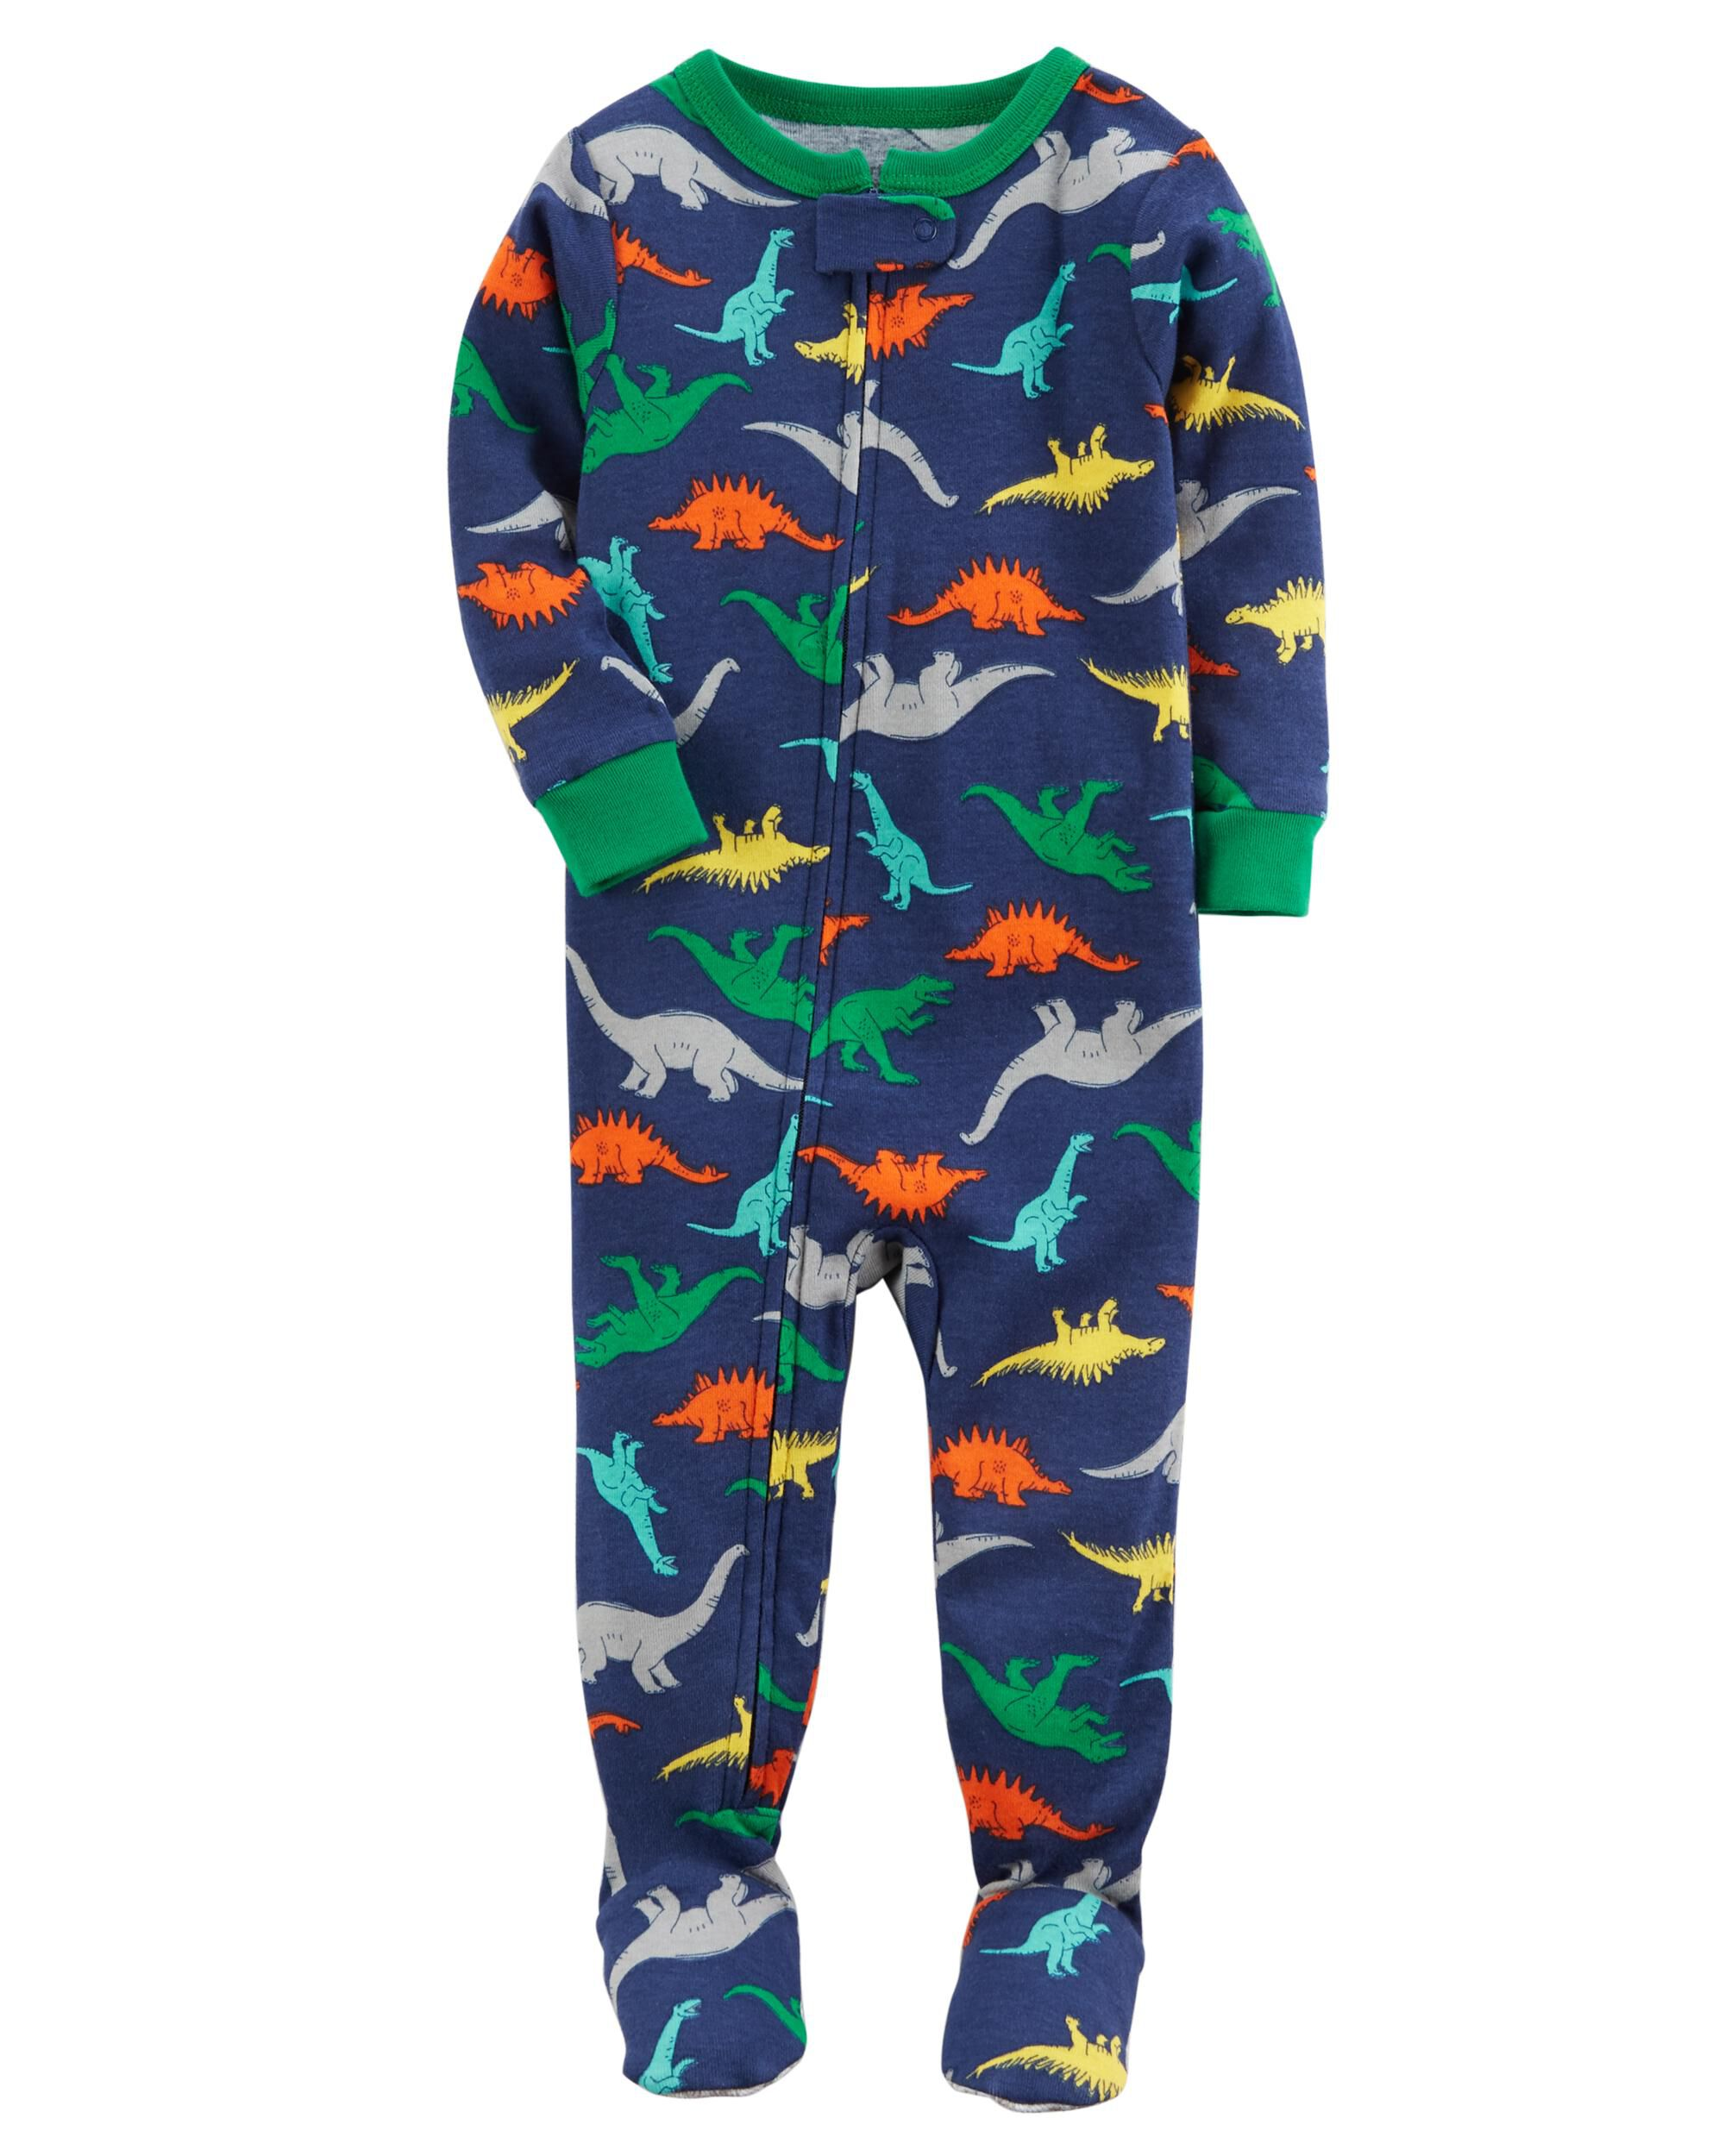 1 Piece Dinosaur Snug Fit Cotton PJs